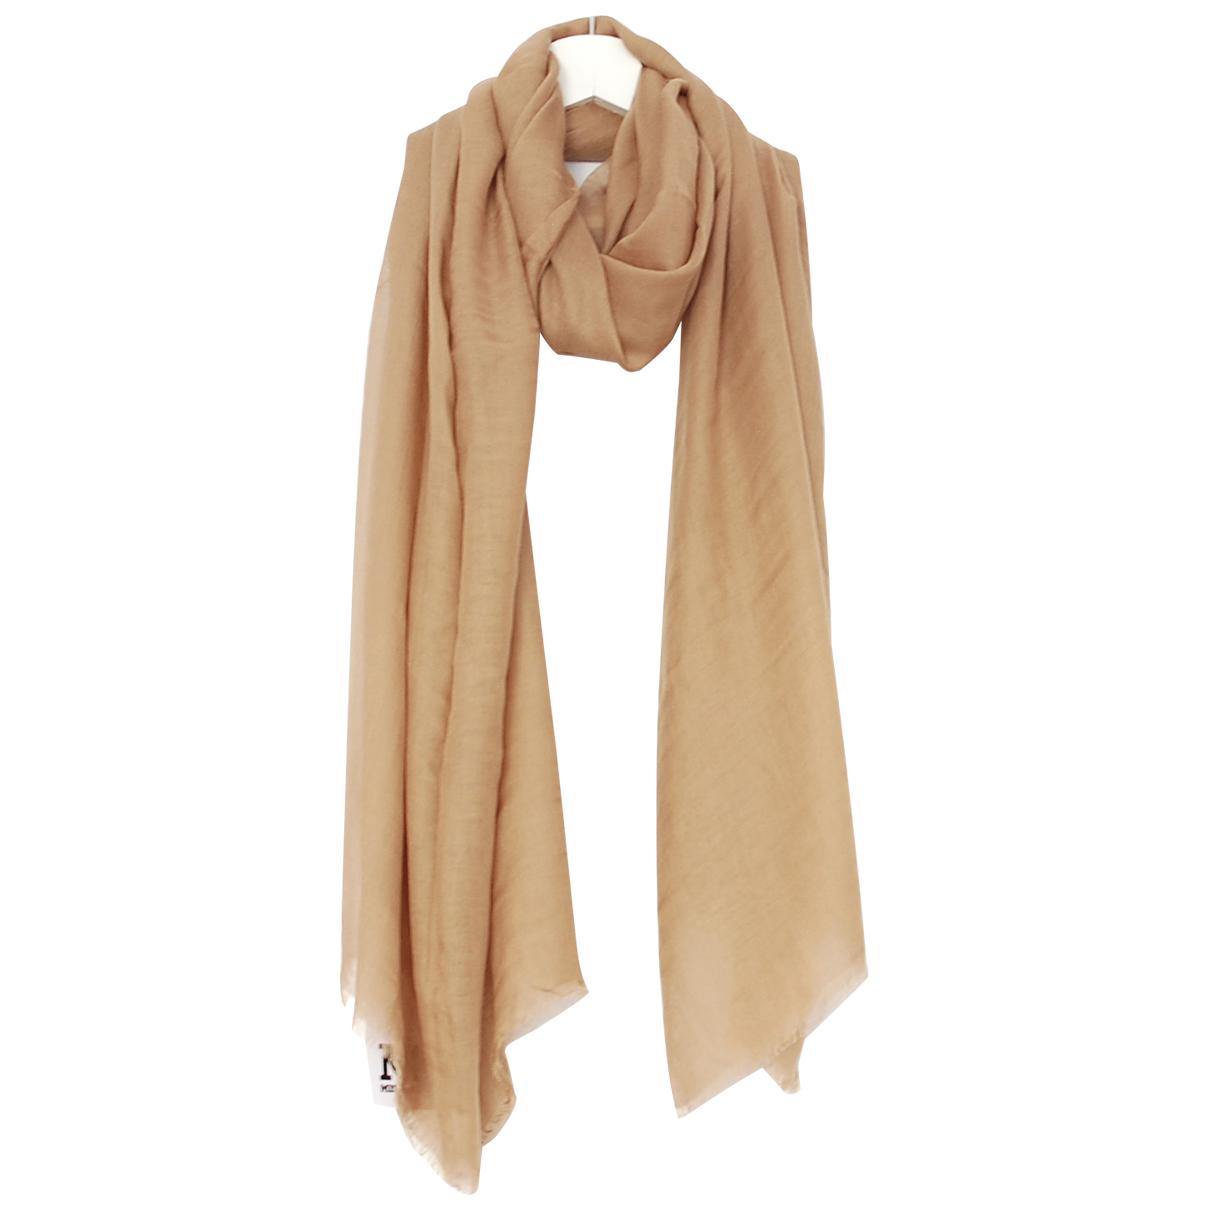 M Missoni - Foulard   pour femme en cachemire - beige